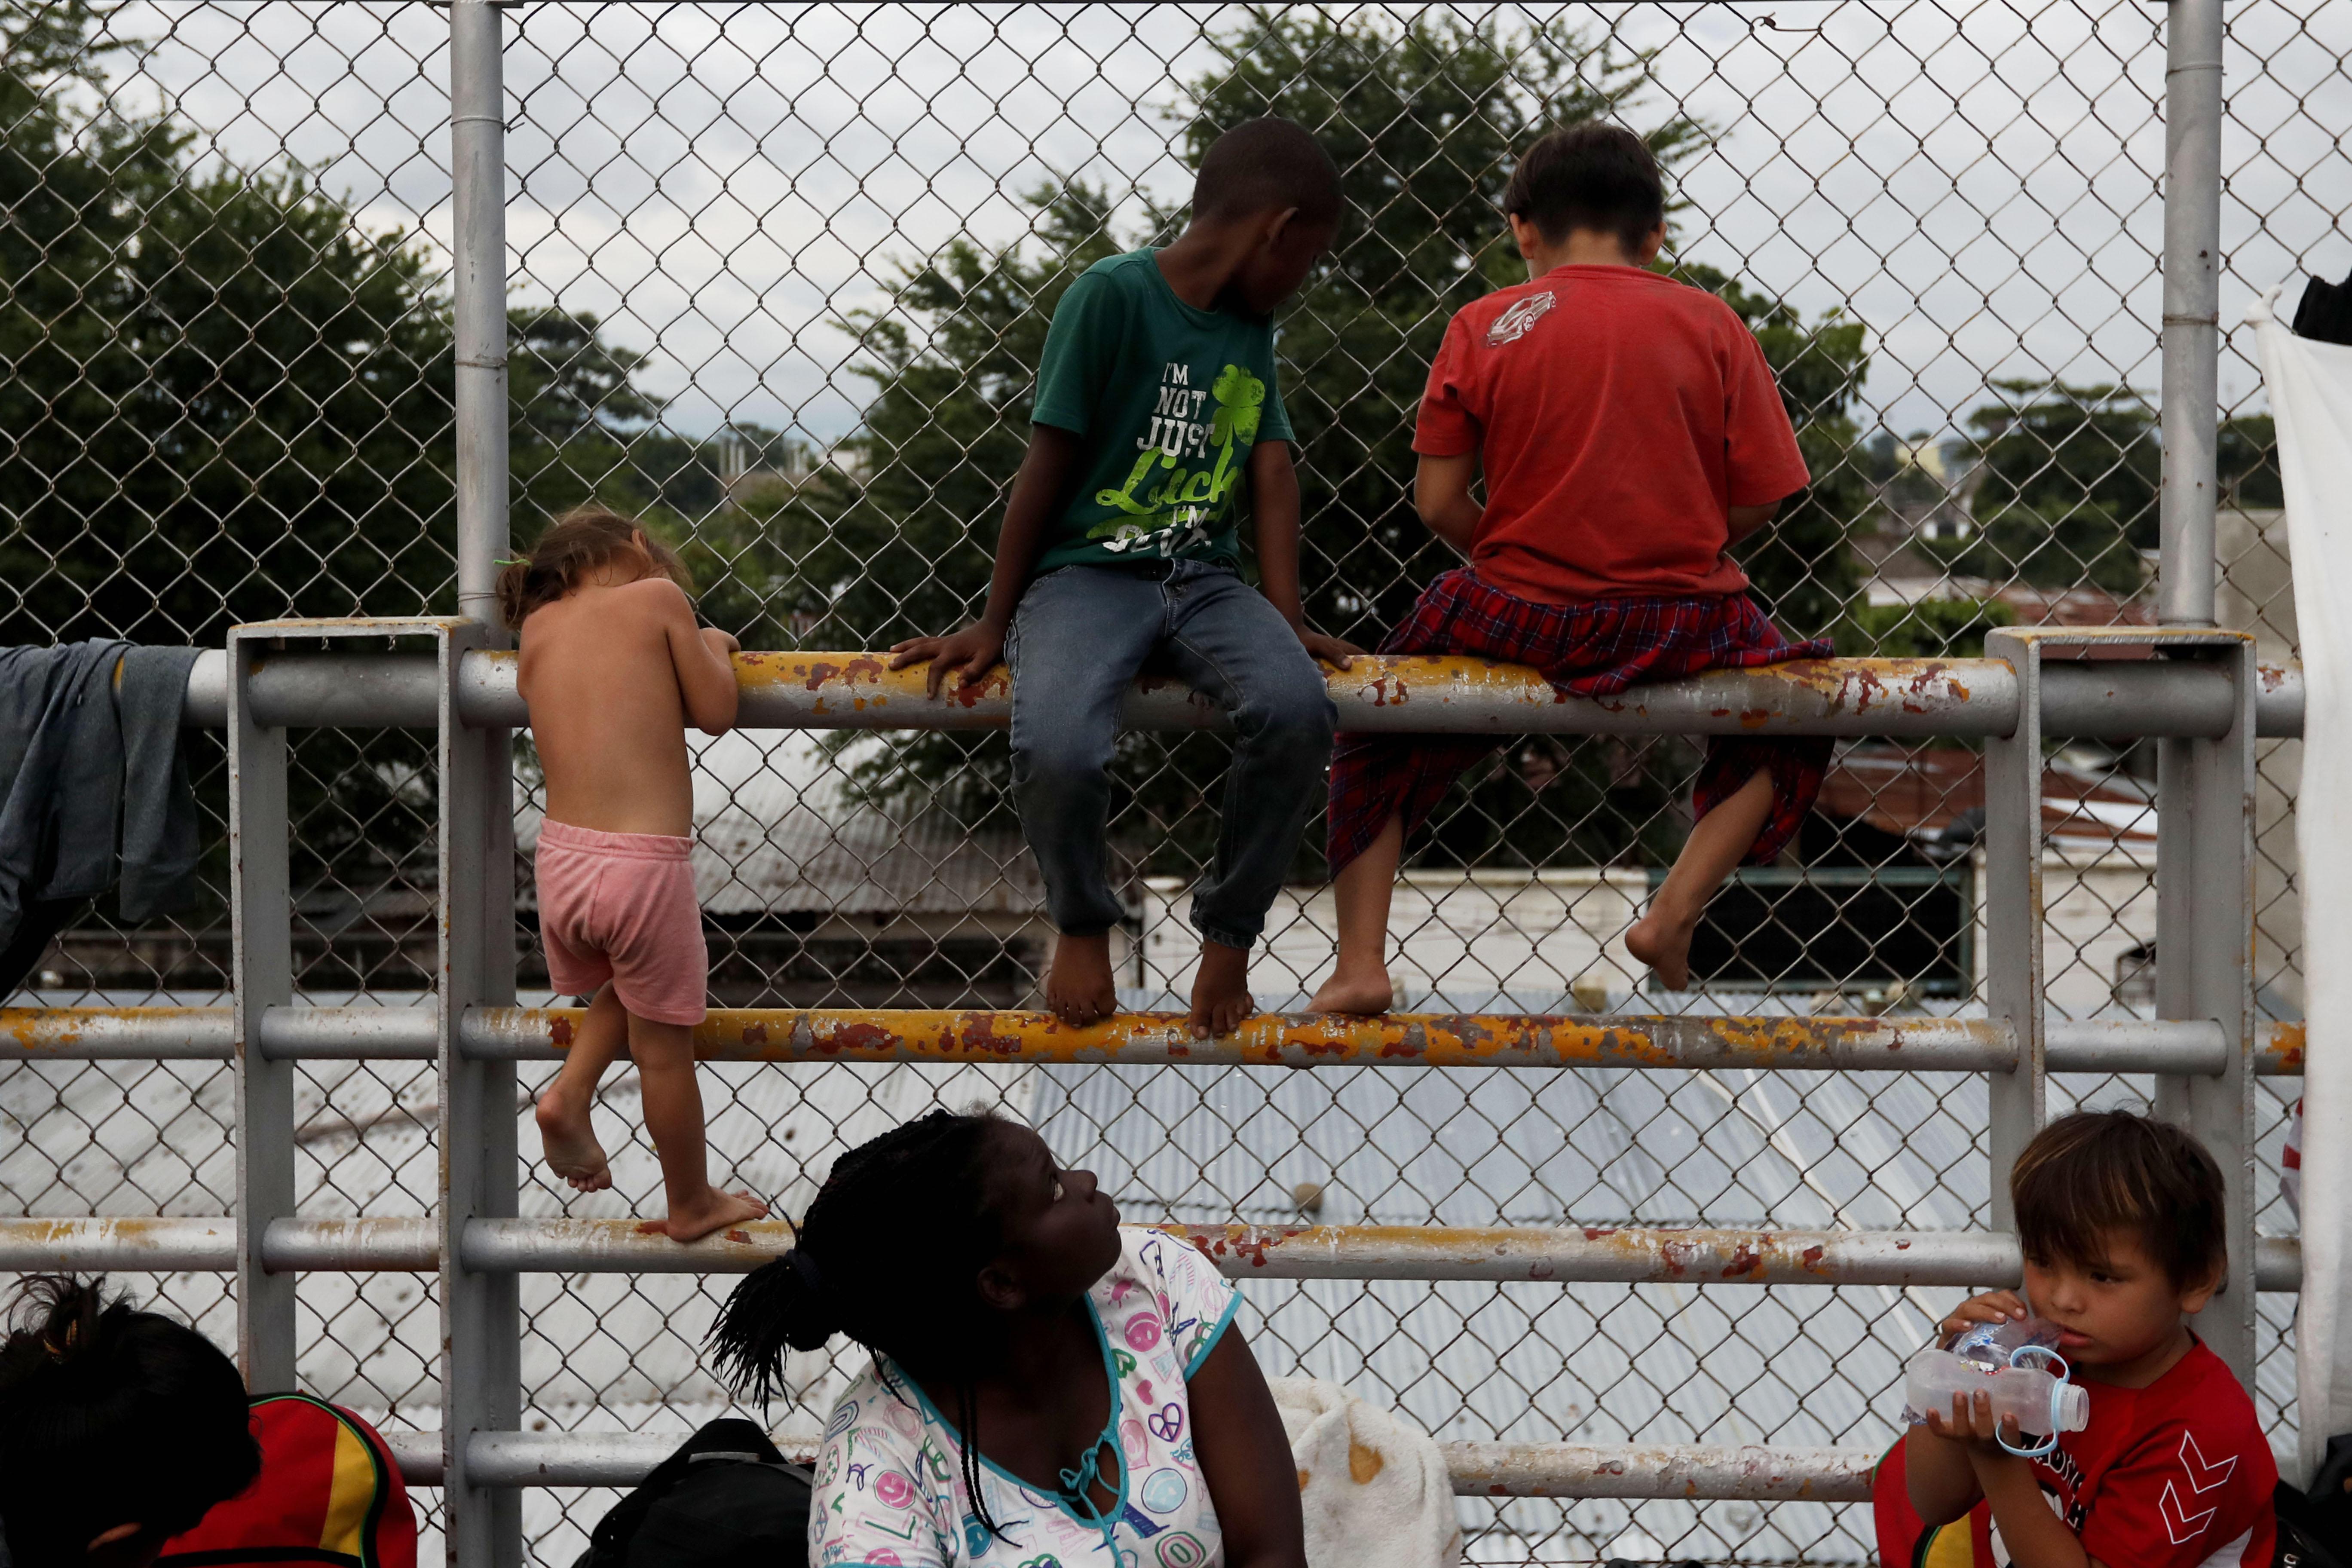 Grupos de migrantes hondureños esperan a poder entrar en México, en el puente que separa los dos países. (EFE/Esteban Biba)